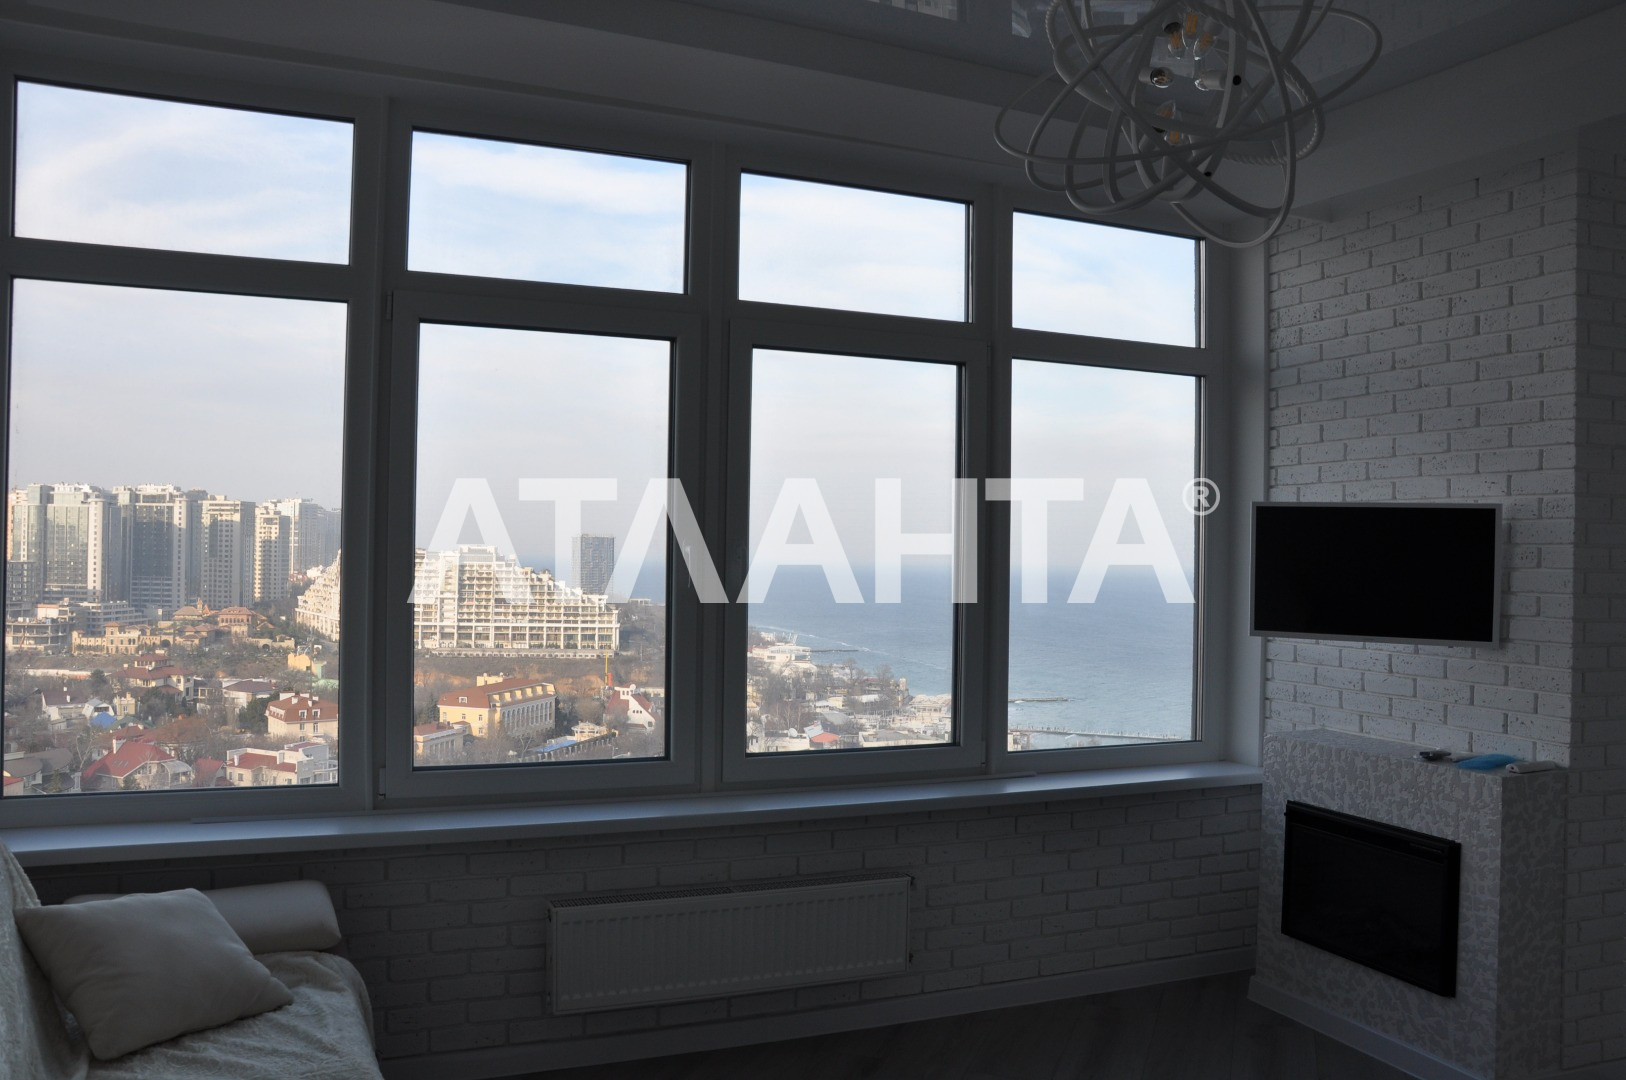 Продается 1-комнатная Квартира на ул. Каманина — 98 000 у.е. (фото №9)